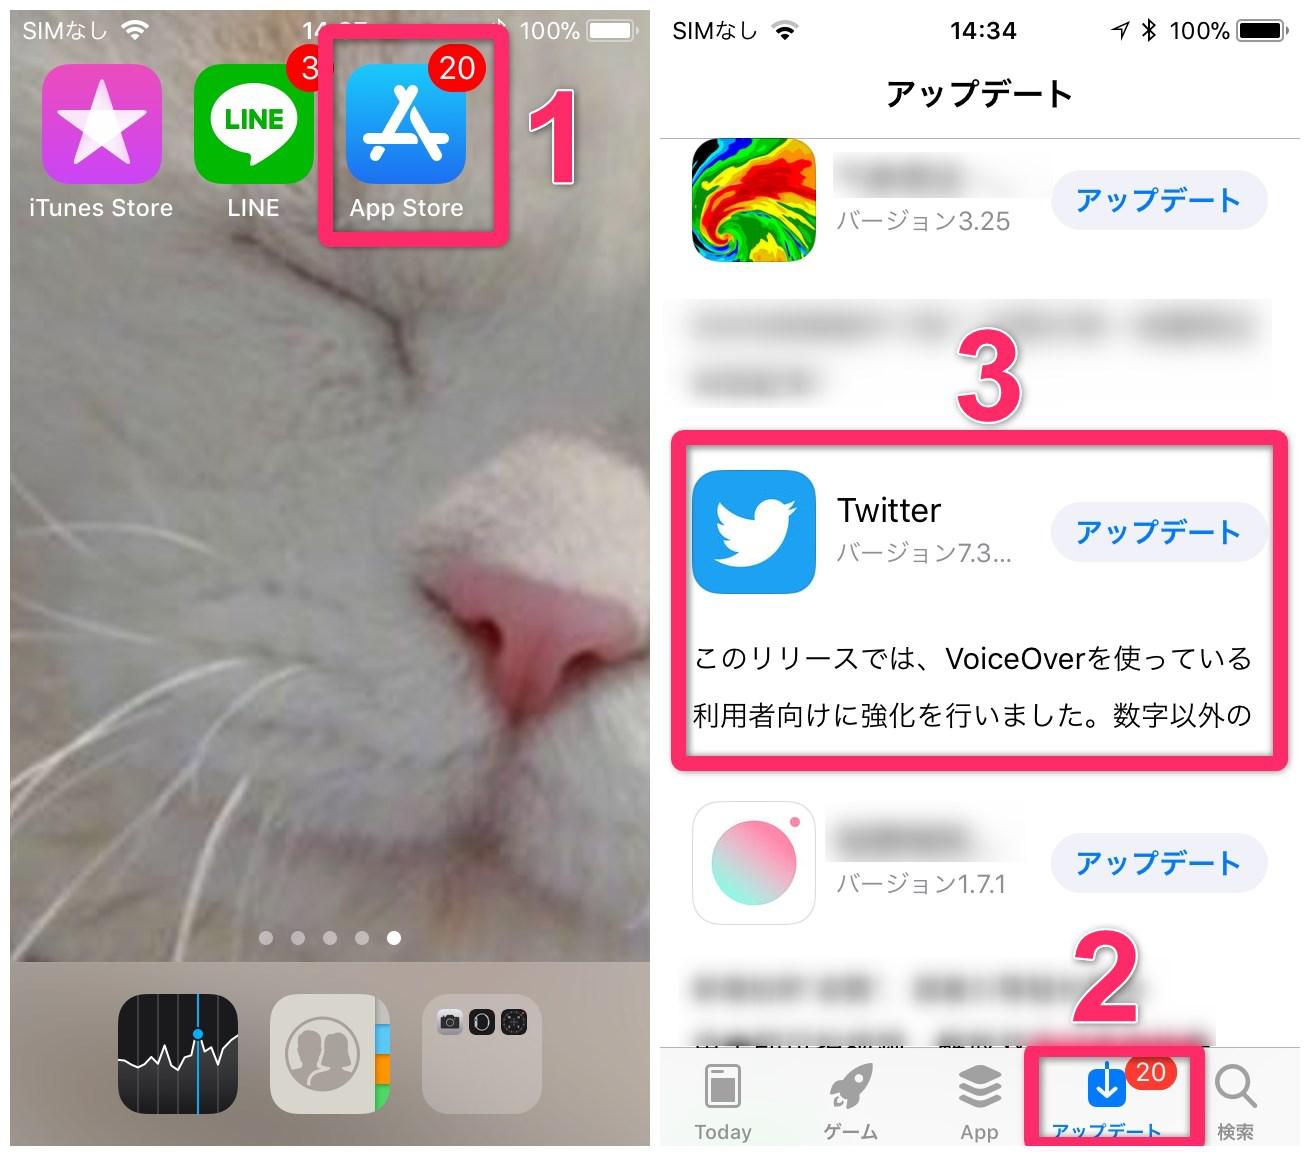 iPhoneアプリの詳細情報を確認する方法